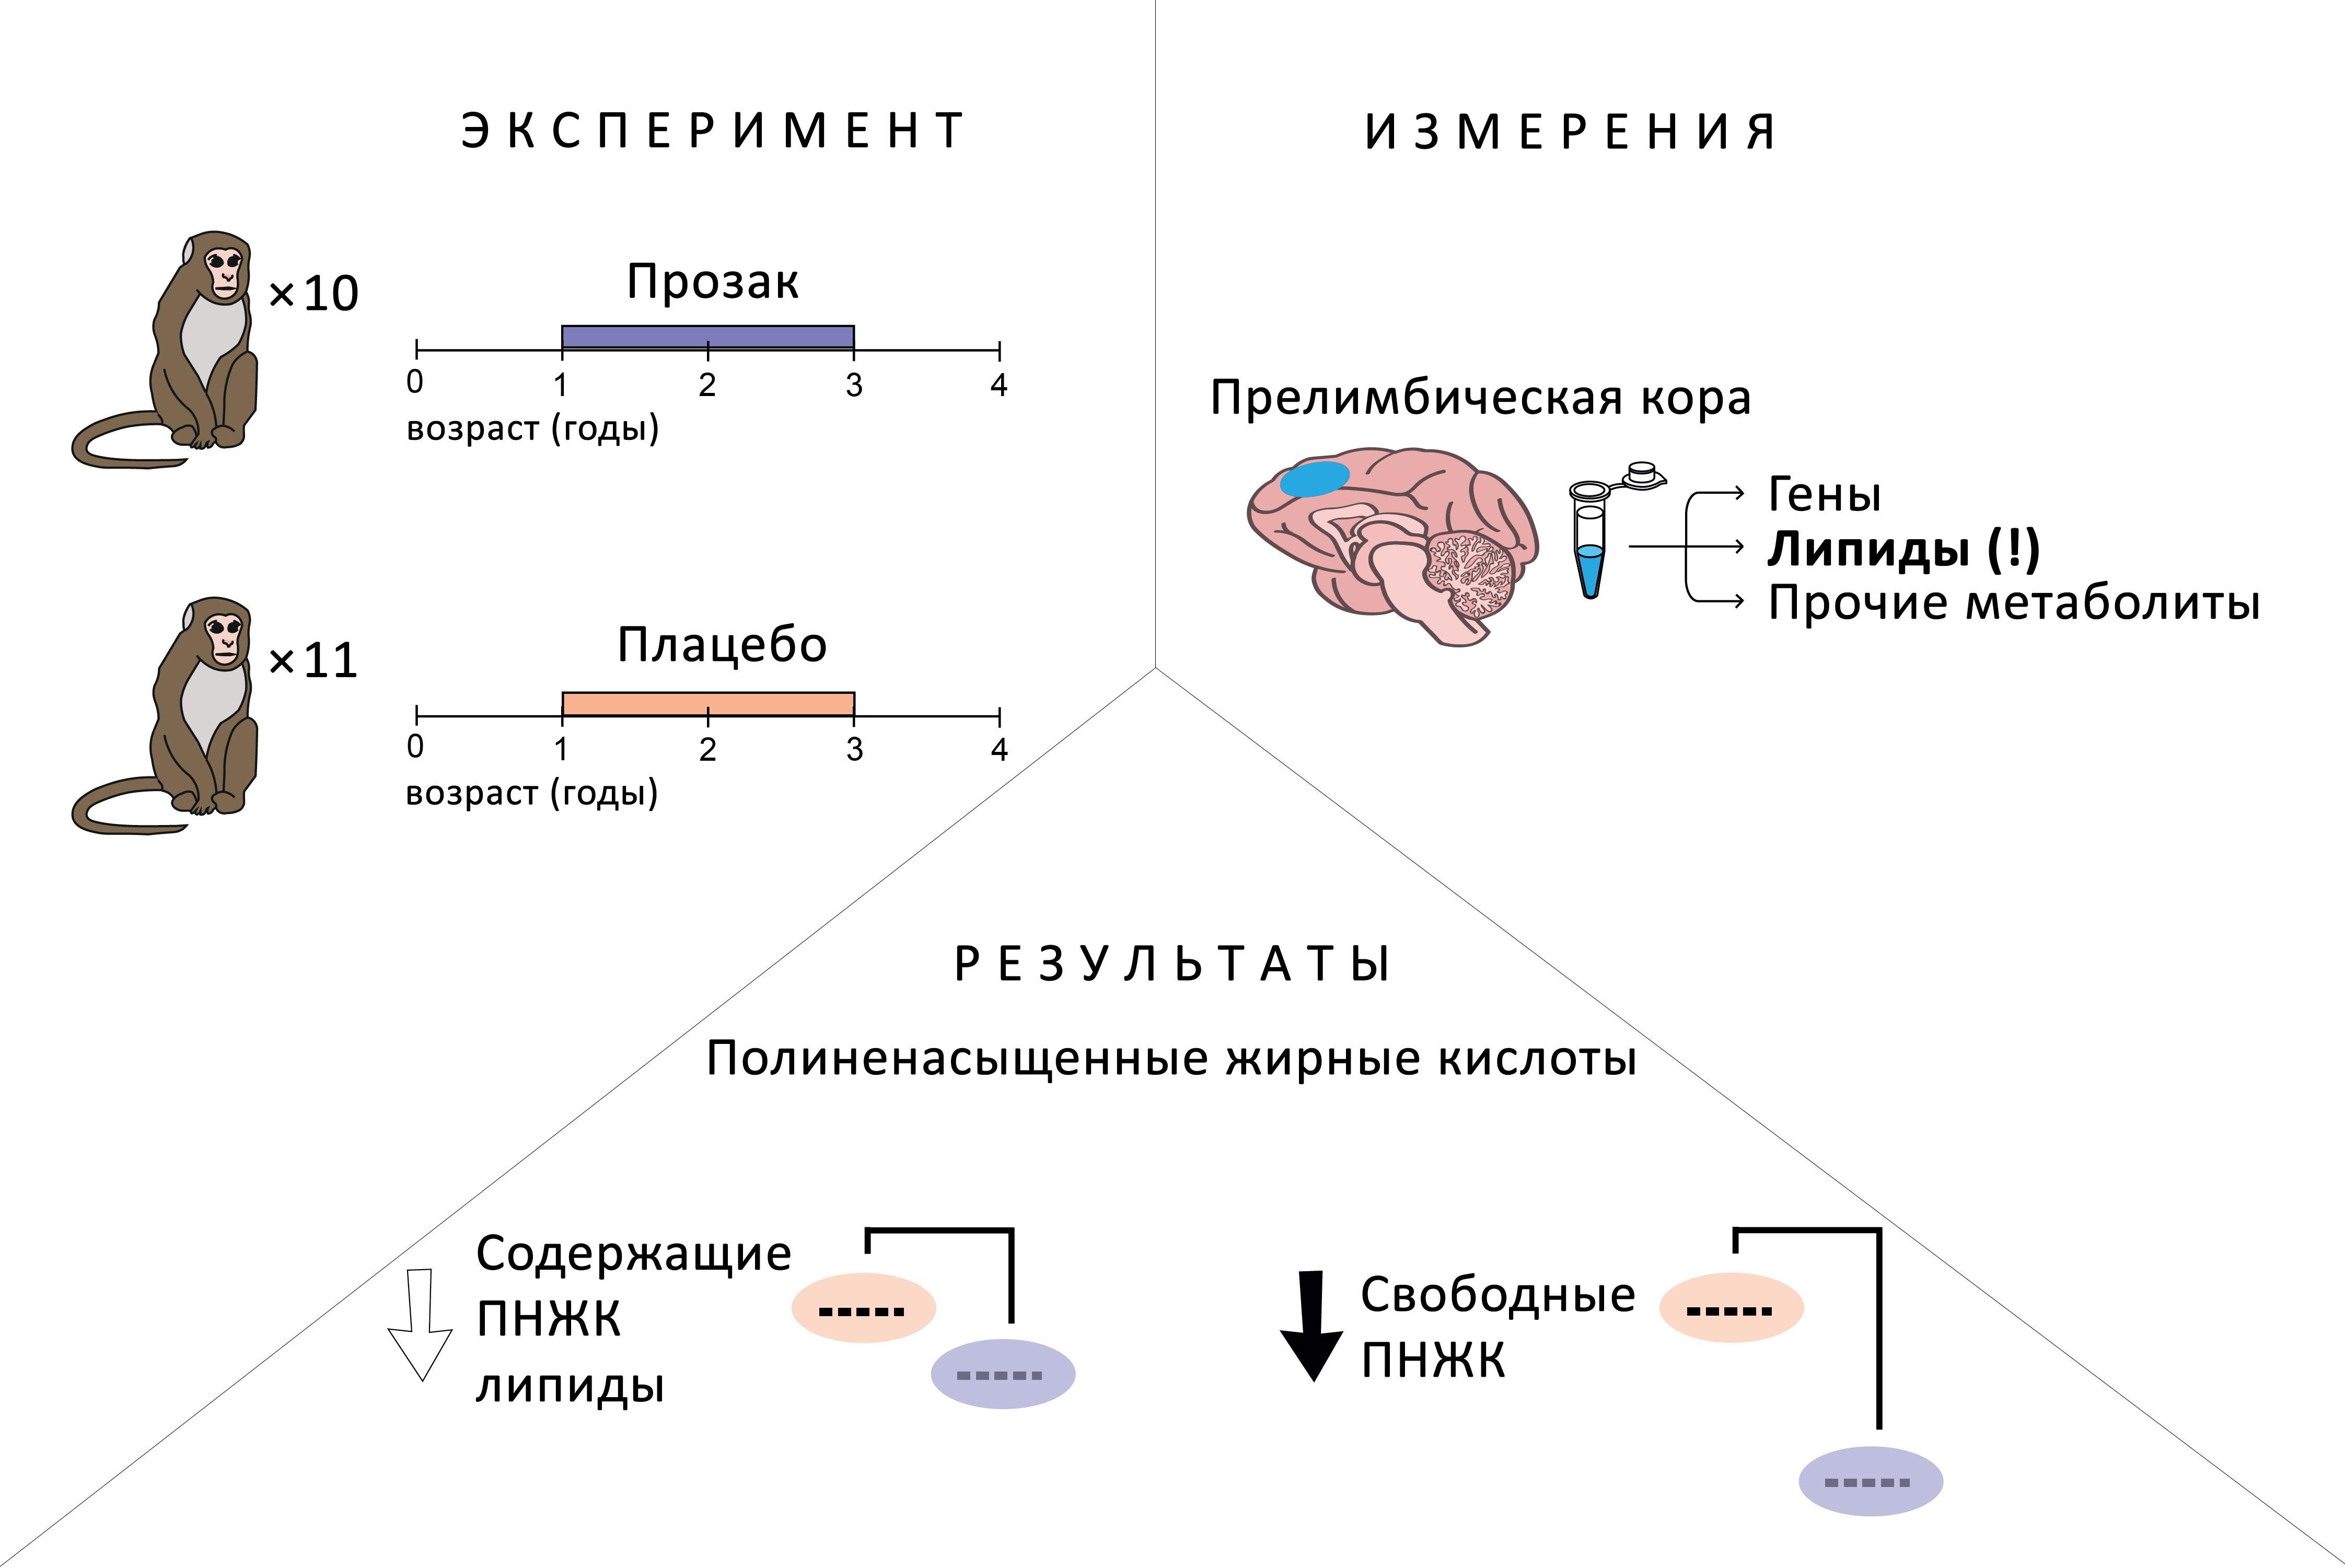 Прием антидепрессантов повлиял на уровень липидов в мозге